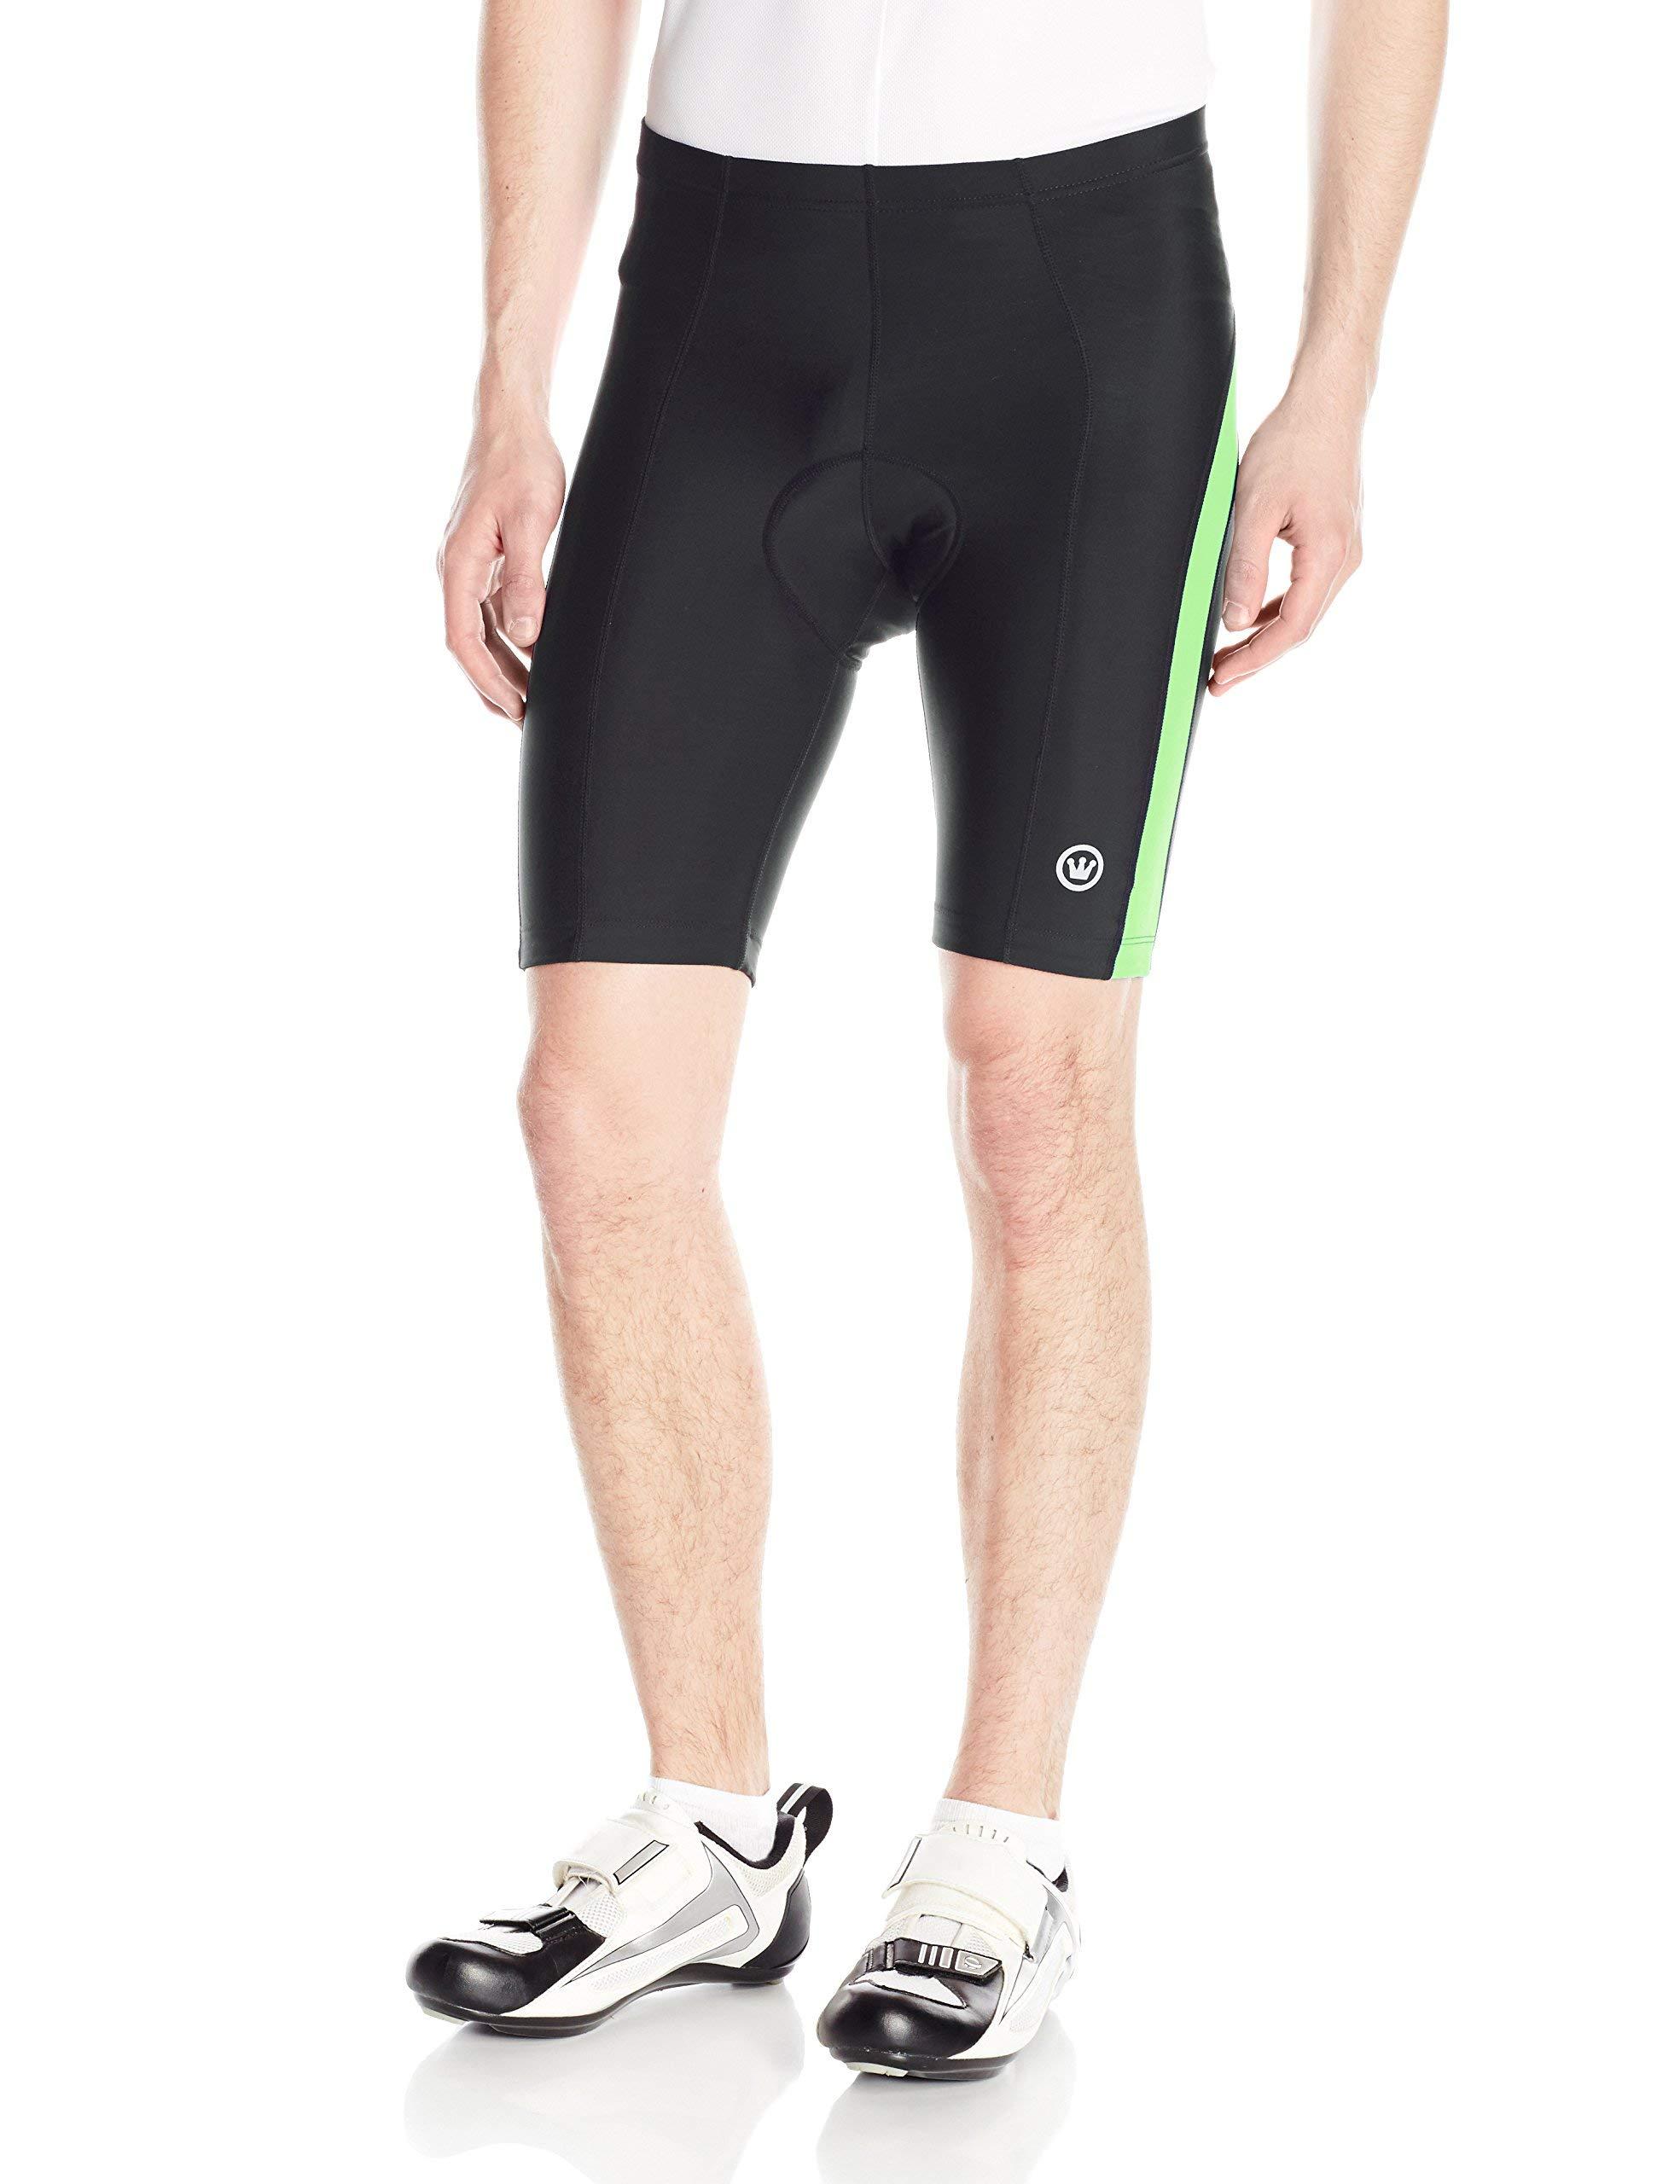 CANARI Men's Blade Gel Shorts, Neon Glow Stick Green, Large